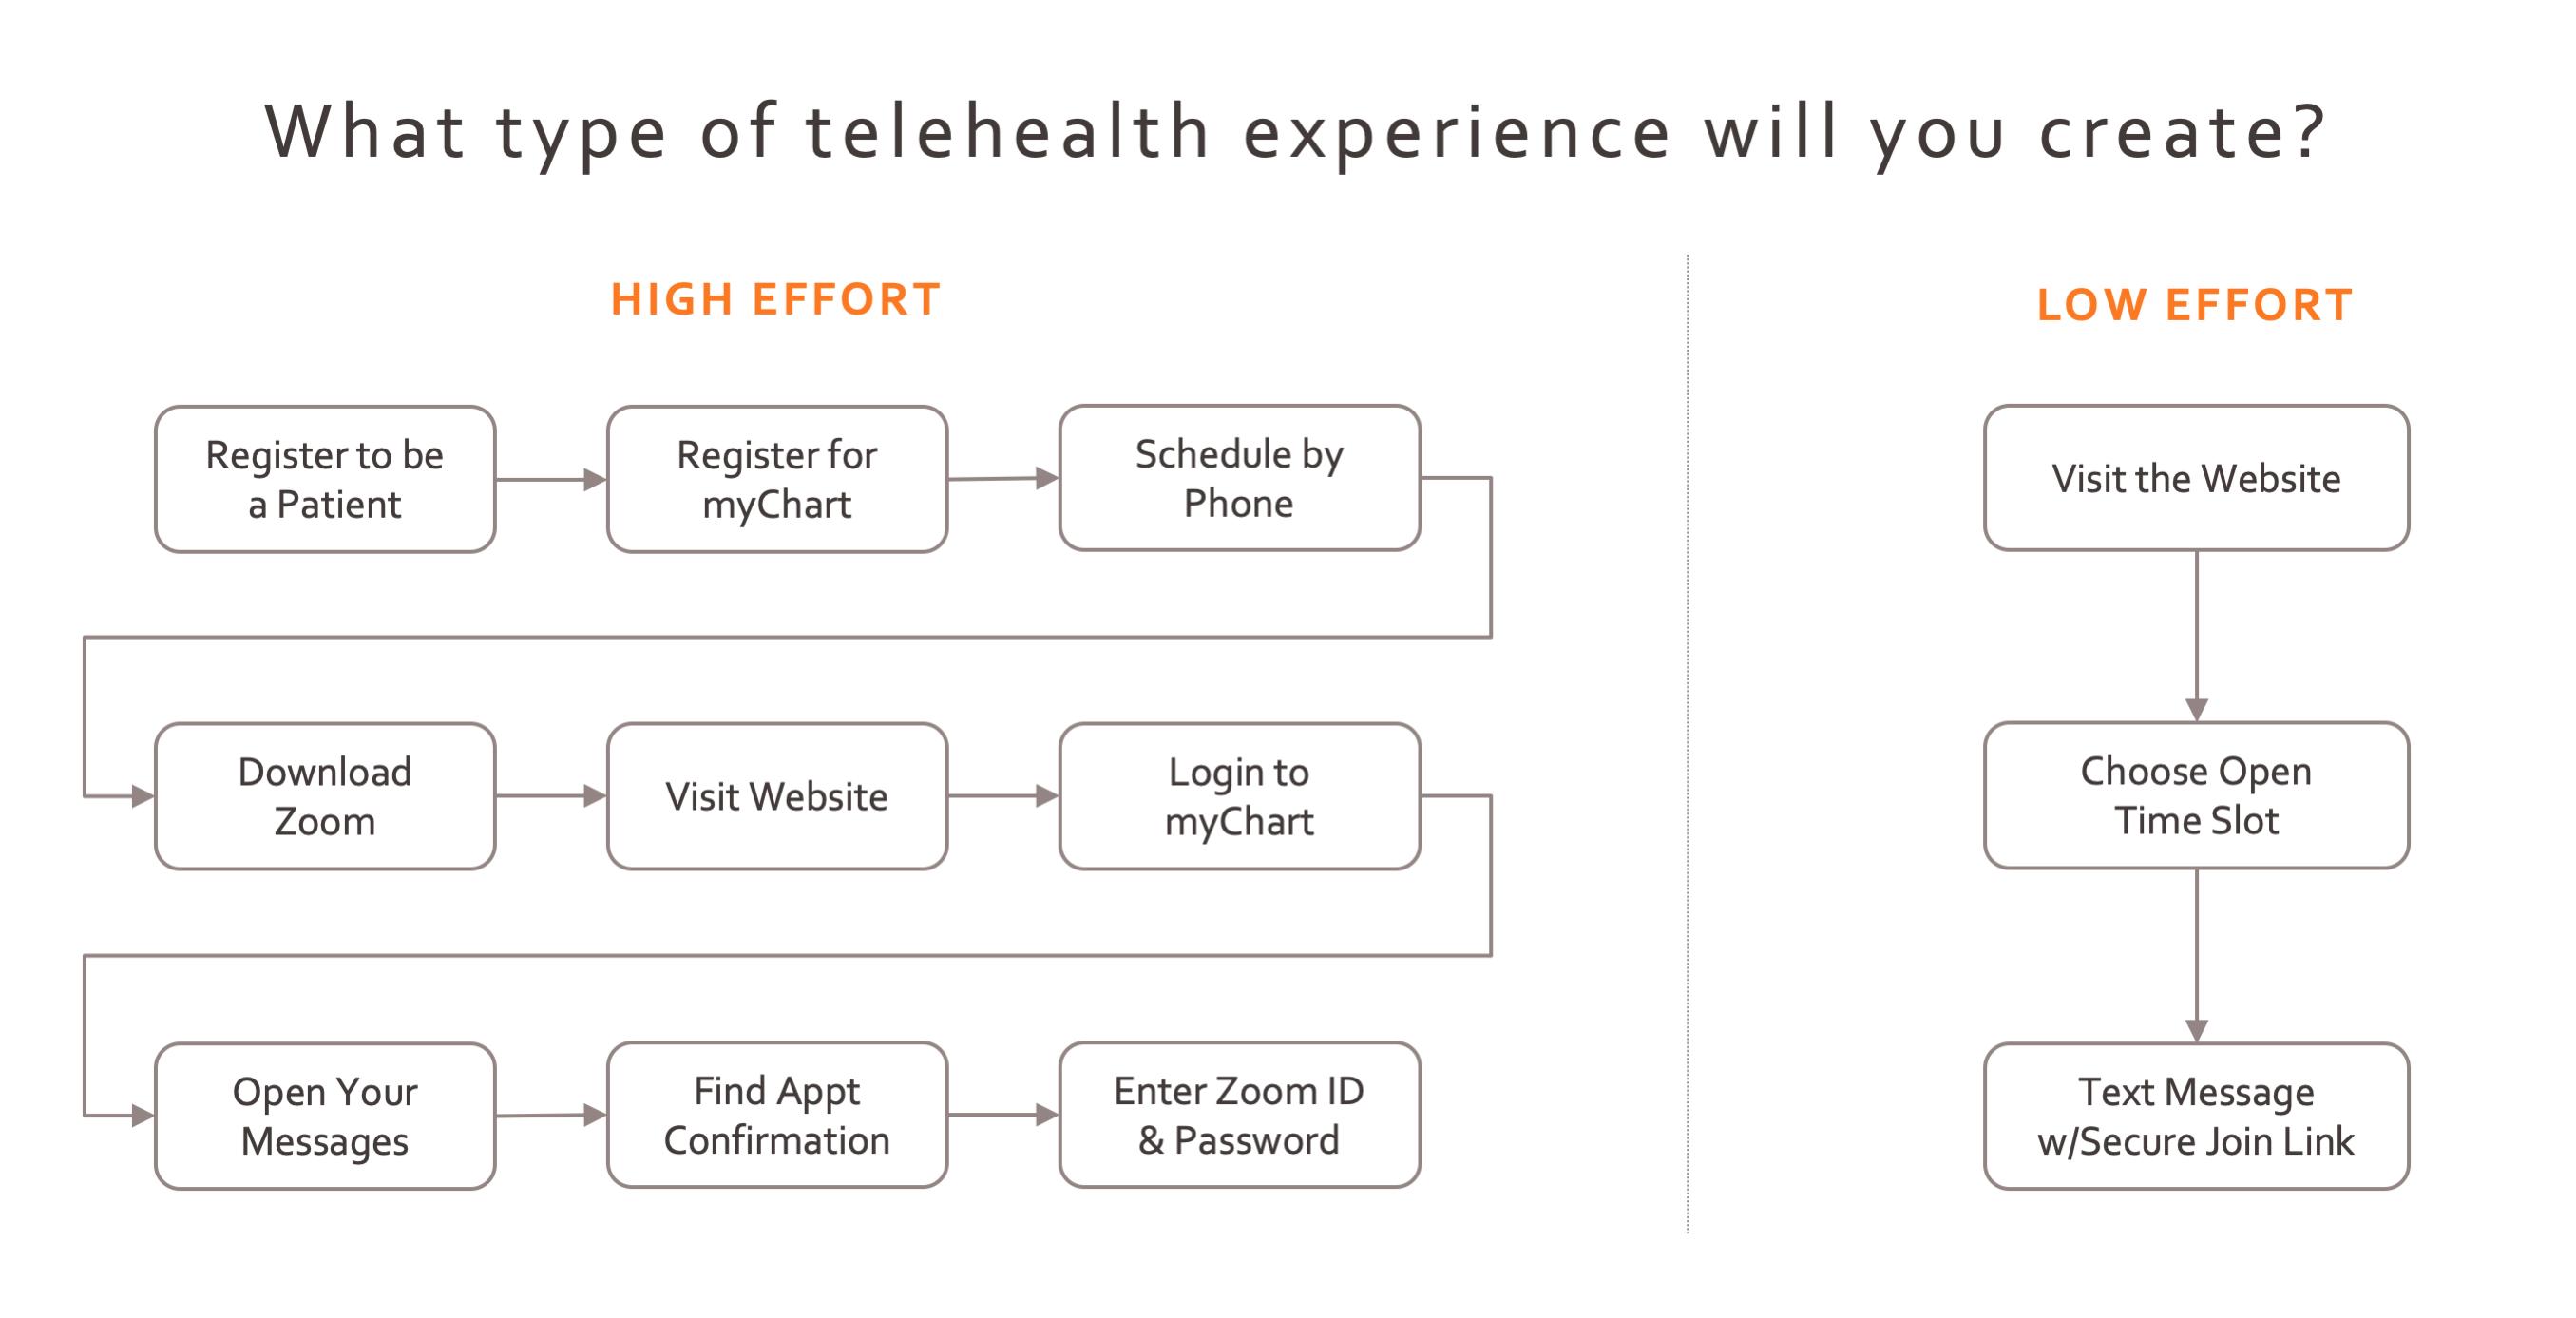 high effort vs low effort telehealth experience-2